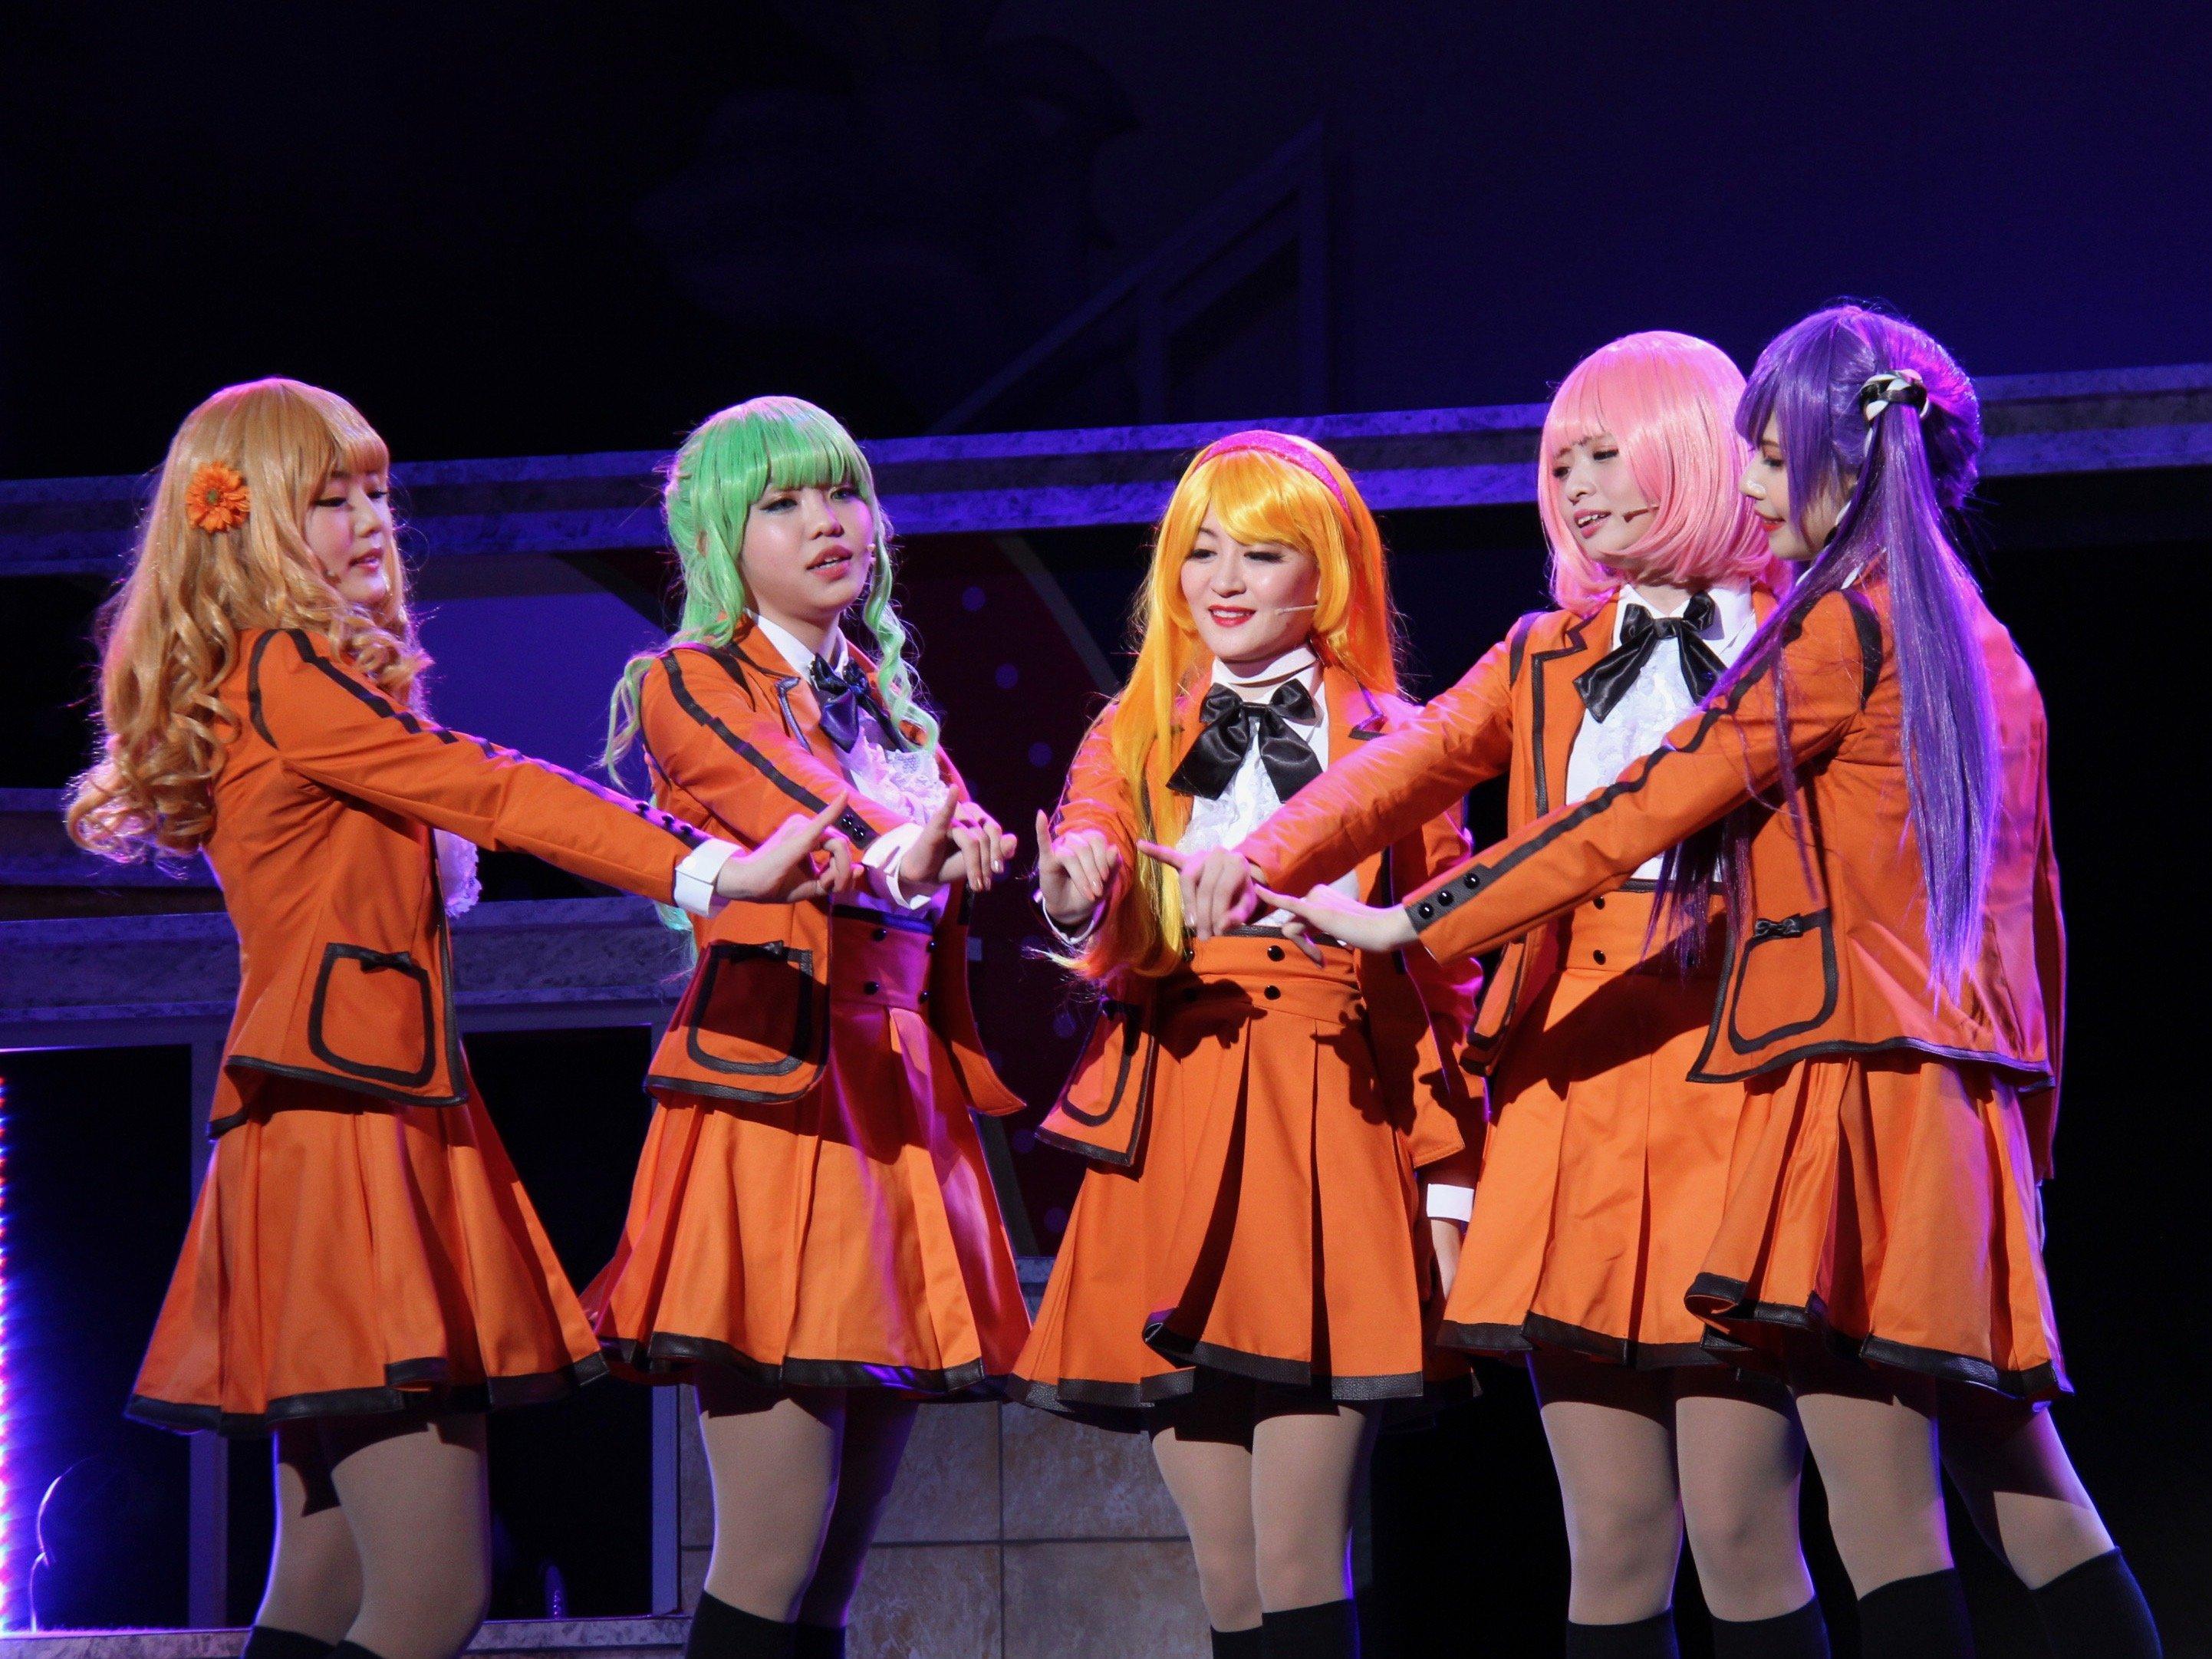 永井豪『キューティーハニー』女性アイドル勢ぞろいで舞台化 元NMB48・上西恵ら、早着替え「全公演成功させたい!」の画像006